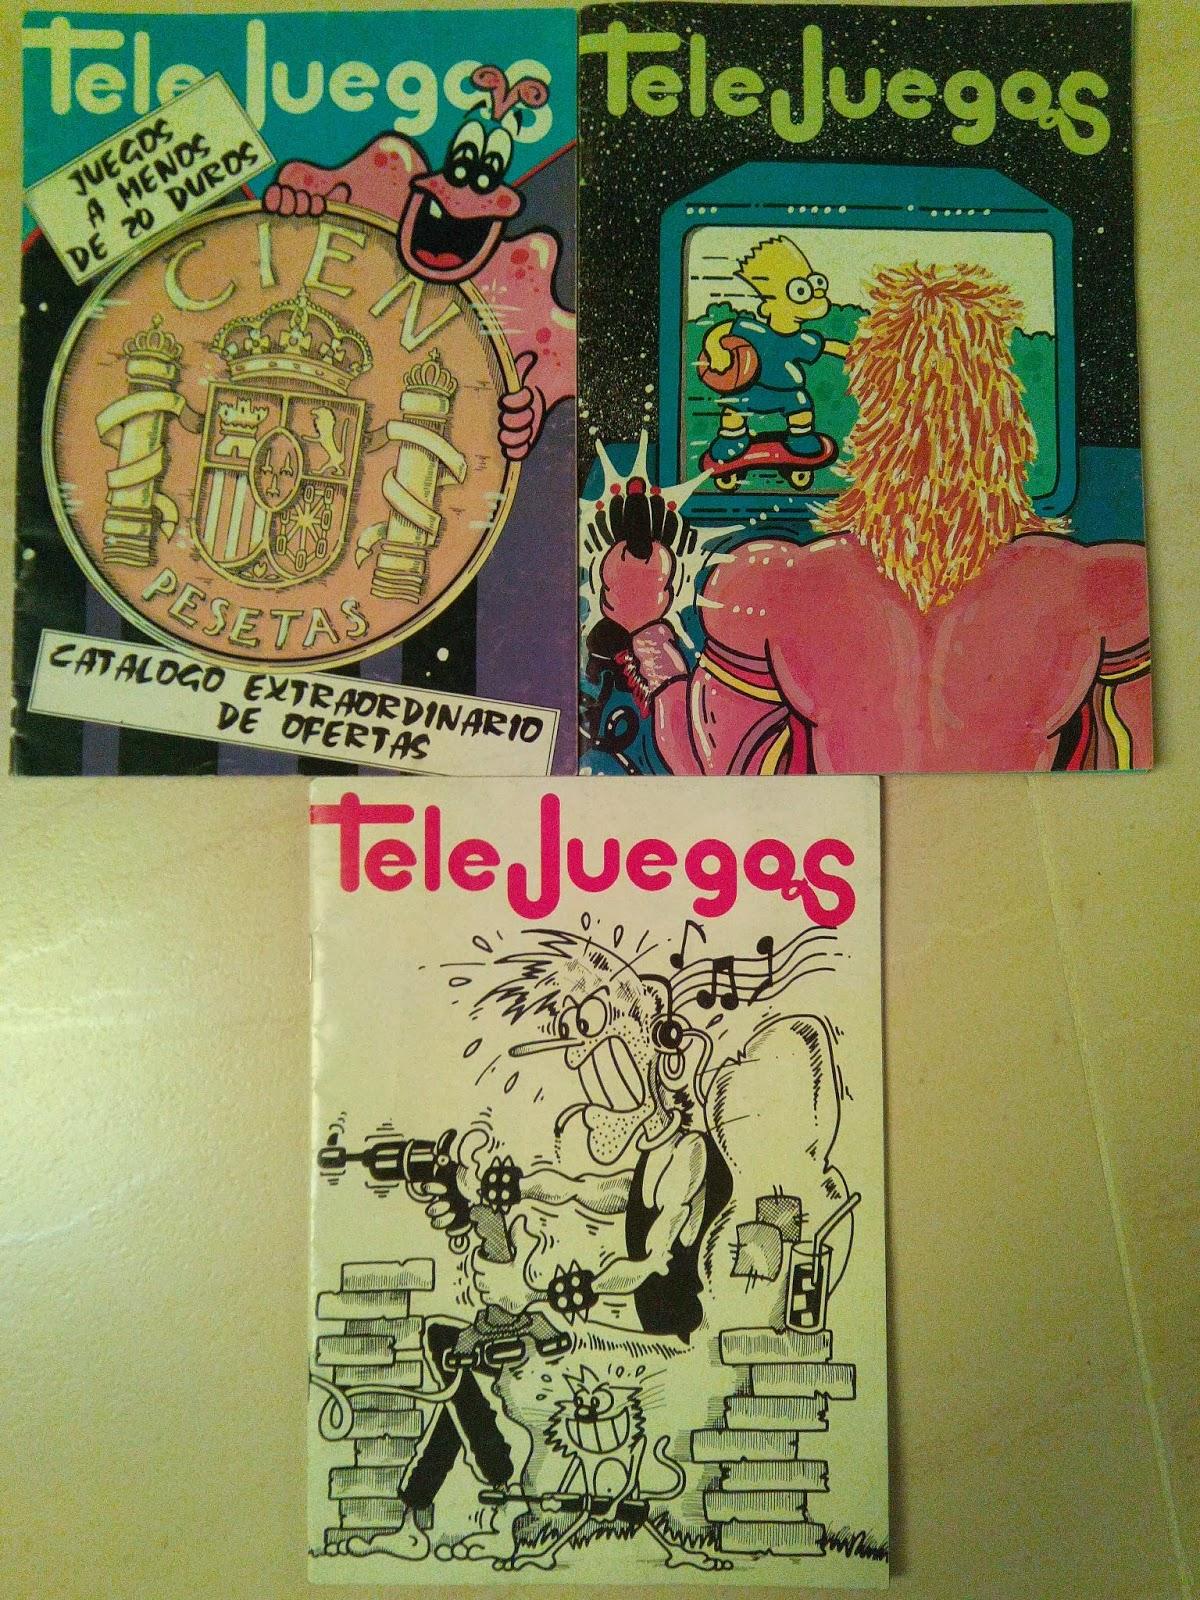 Portadas de algunos catálogos de Telejuegos